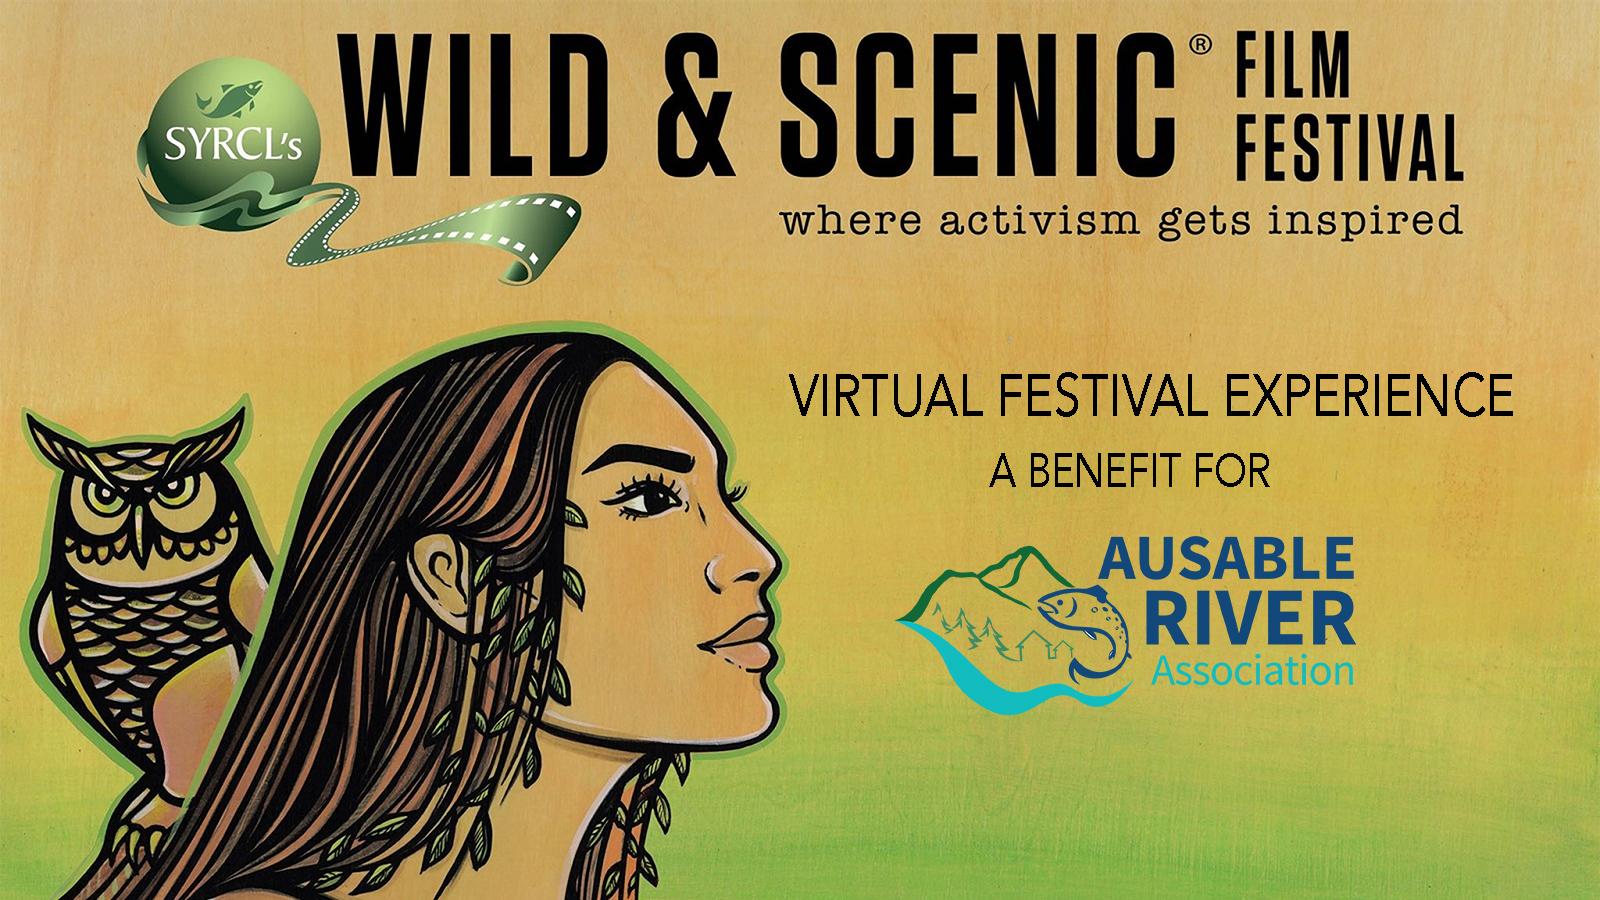 Wild & Scenic Film Festival Live Event